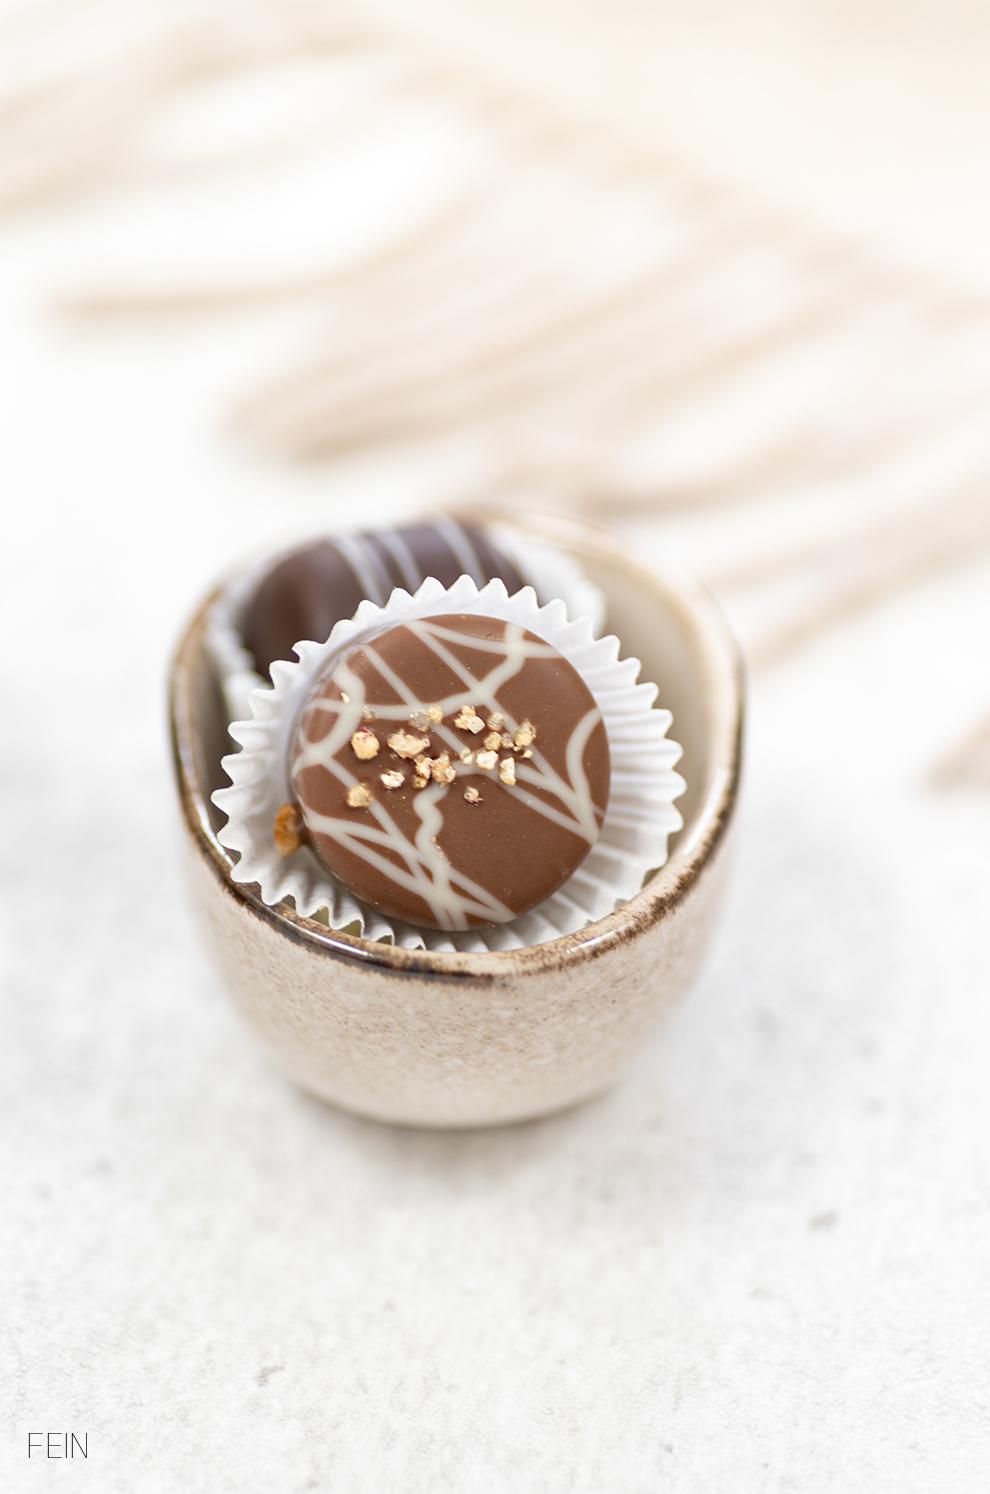 Schokolade Praline Handgemacht